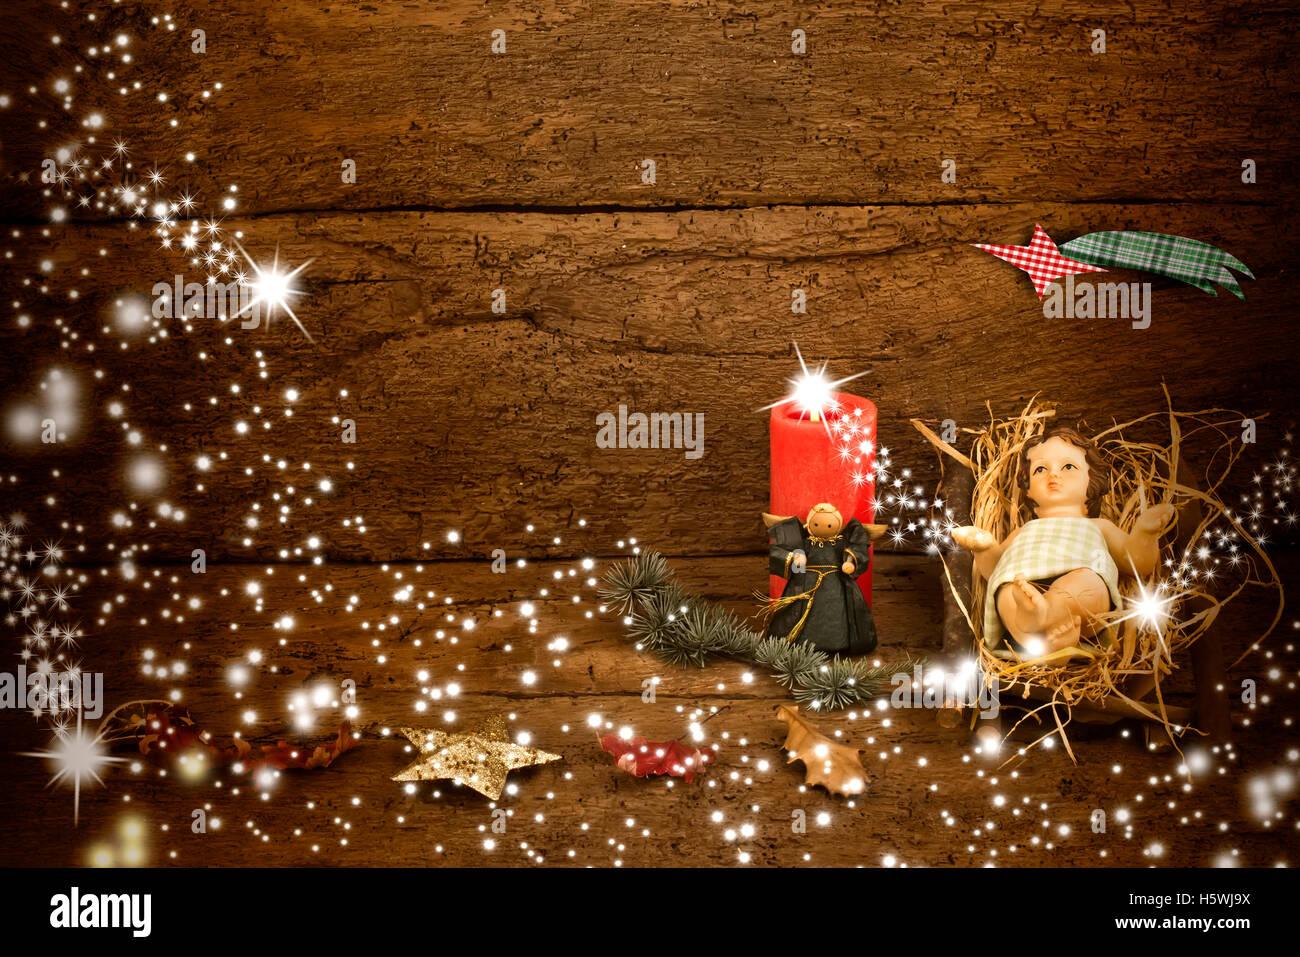 Fotos De Navidad Del Nino Jesus.Tarjeta De Navidad Con Espacio Para El Mensaje El Nino